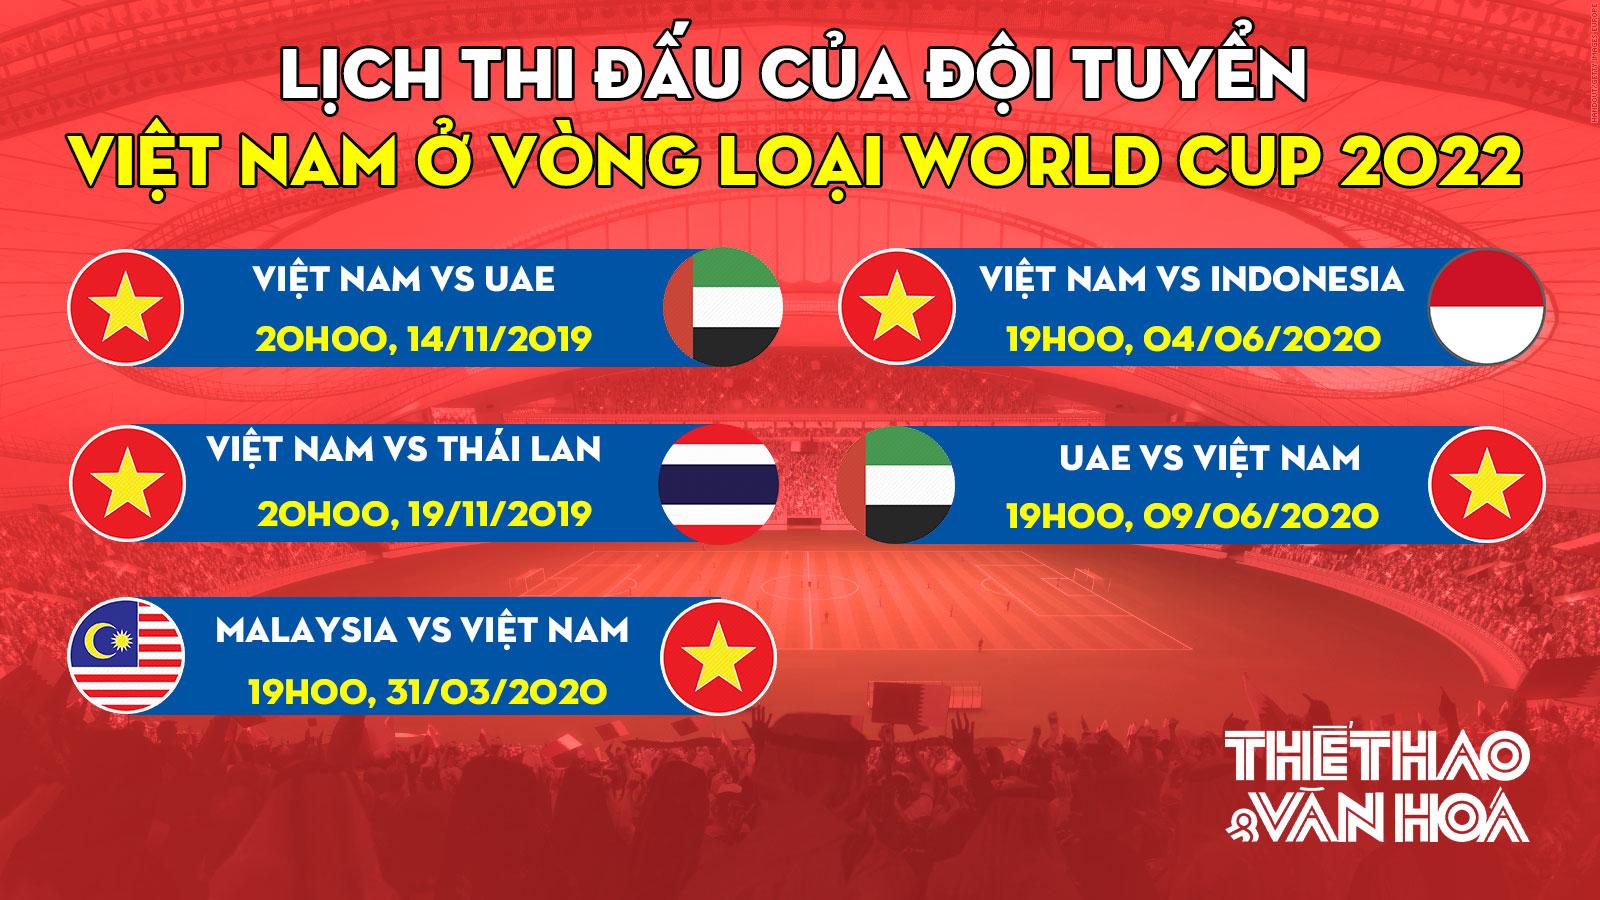 bóng đá Việt Nam, lịch thi đấu bóng đá Việt Nam hôm nay, trực tiếp bóng đá, đội tuyển Việt Nam, BXH FIFA, FIFA